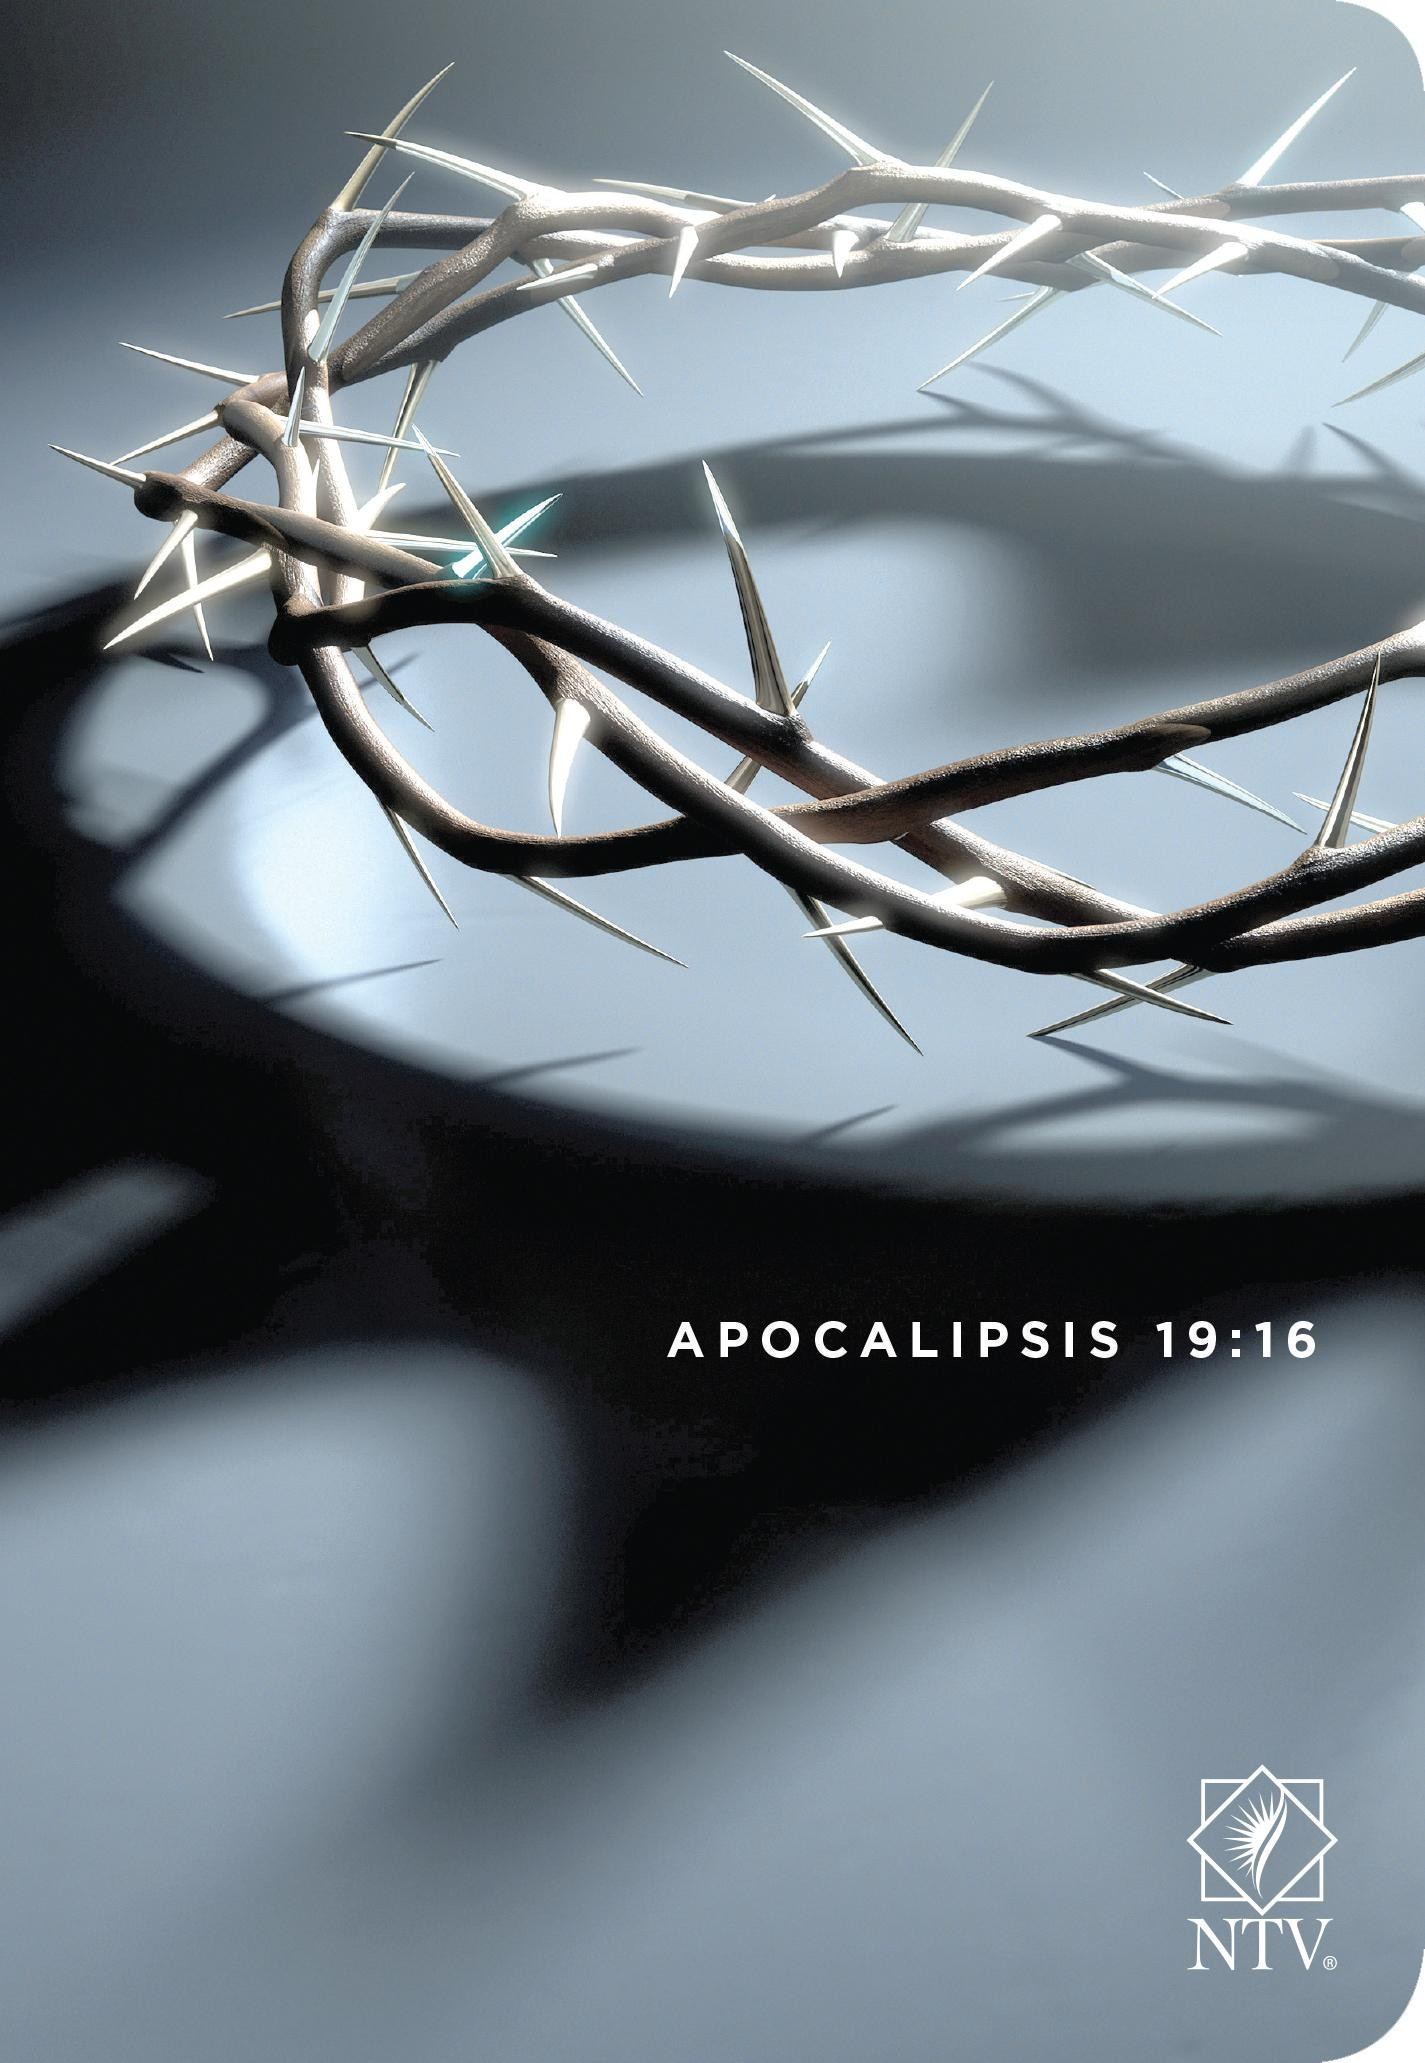 Santa Biblia NTV, Edición compacta letra grande, Apocalipsis 19:16: Holy Bible NTV, Compact Edition, Large Print, Revelation 19:16